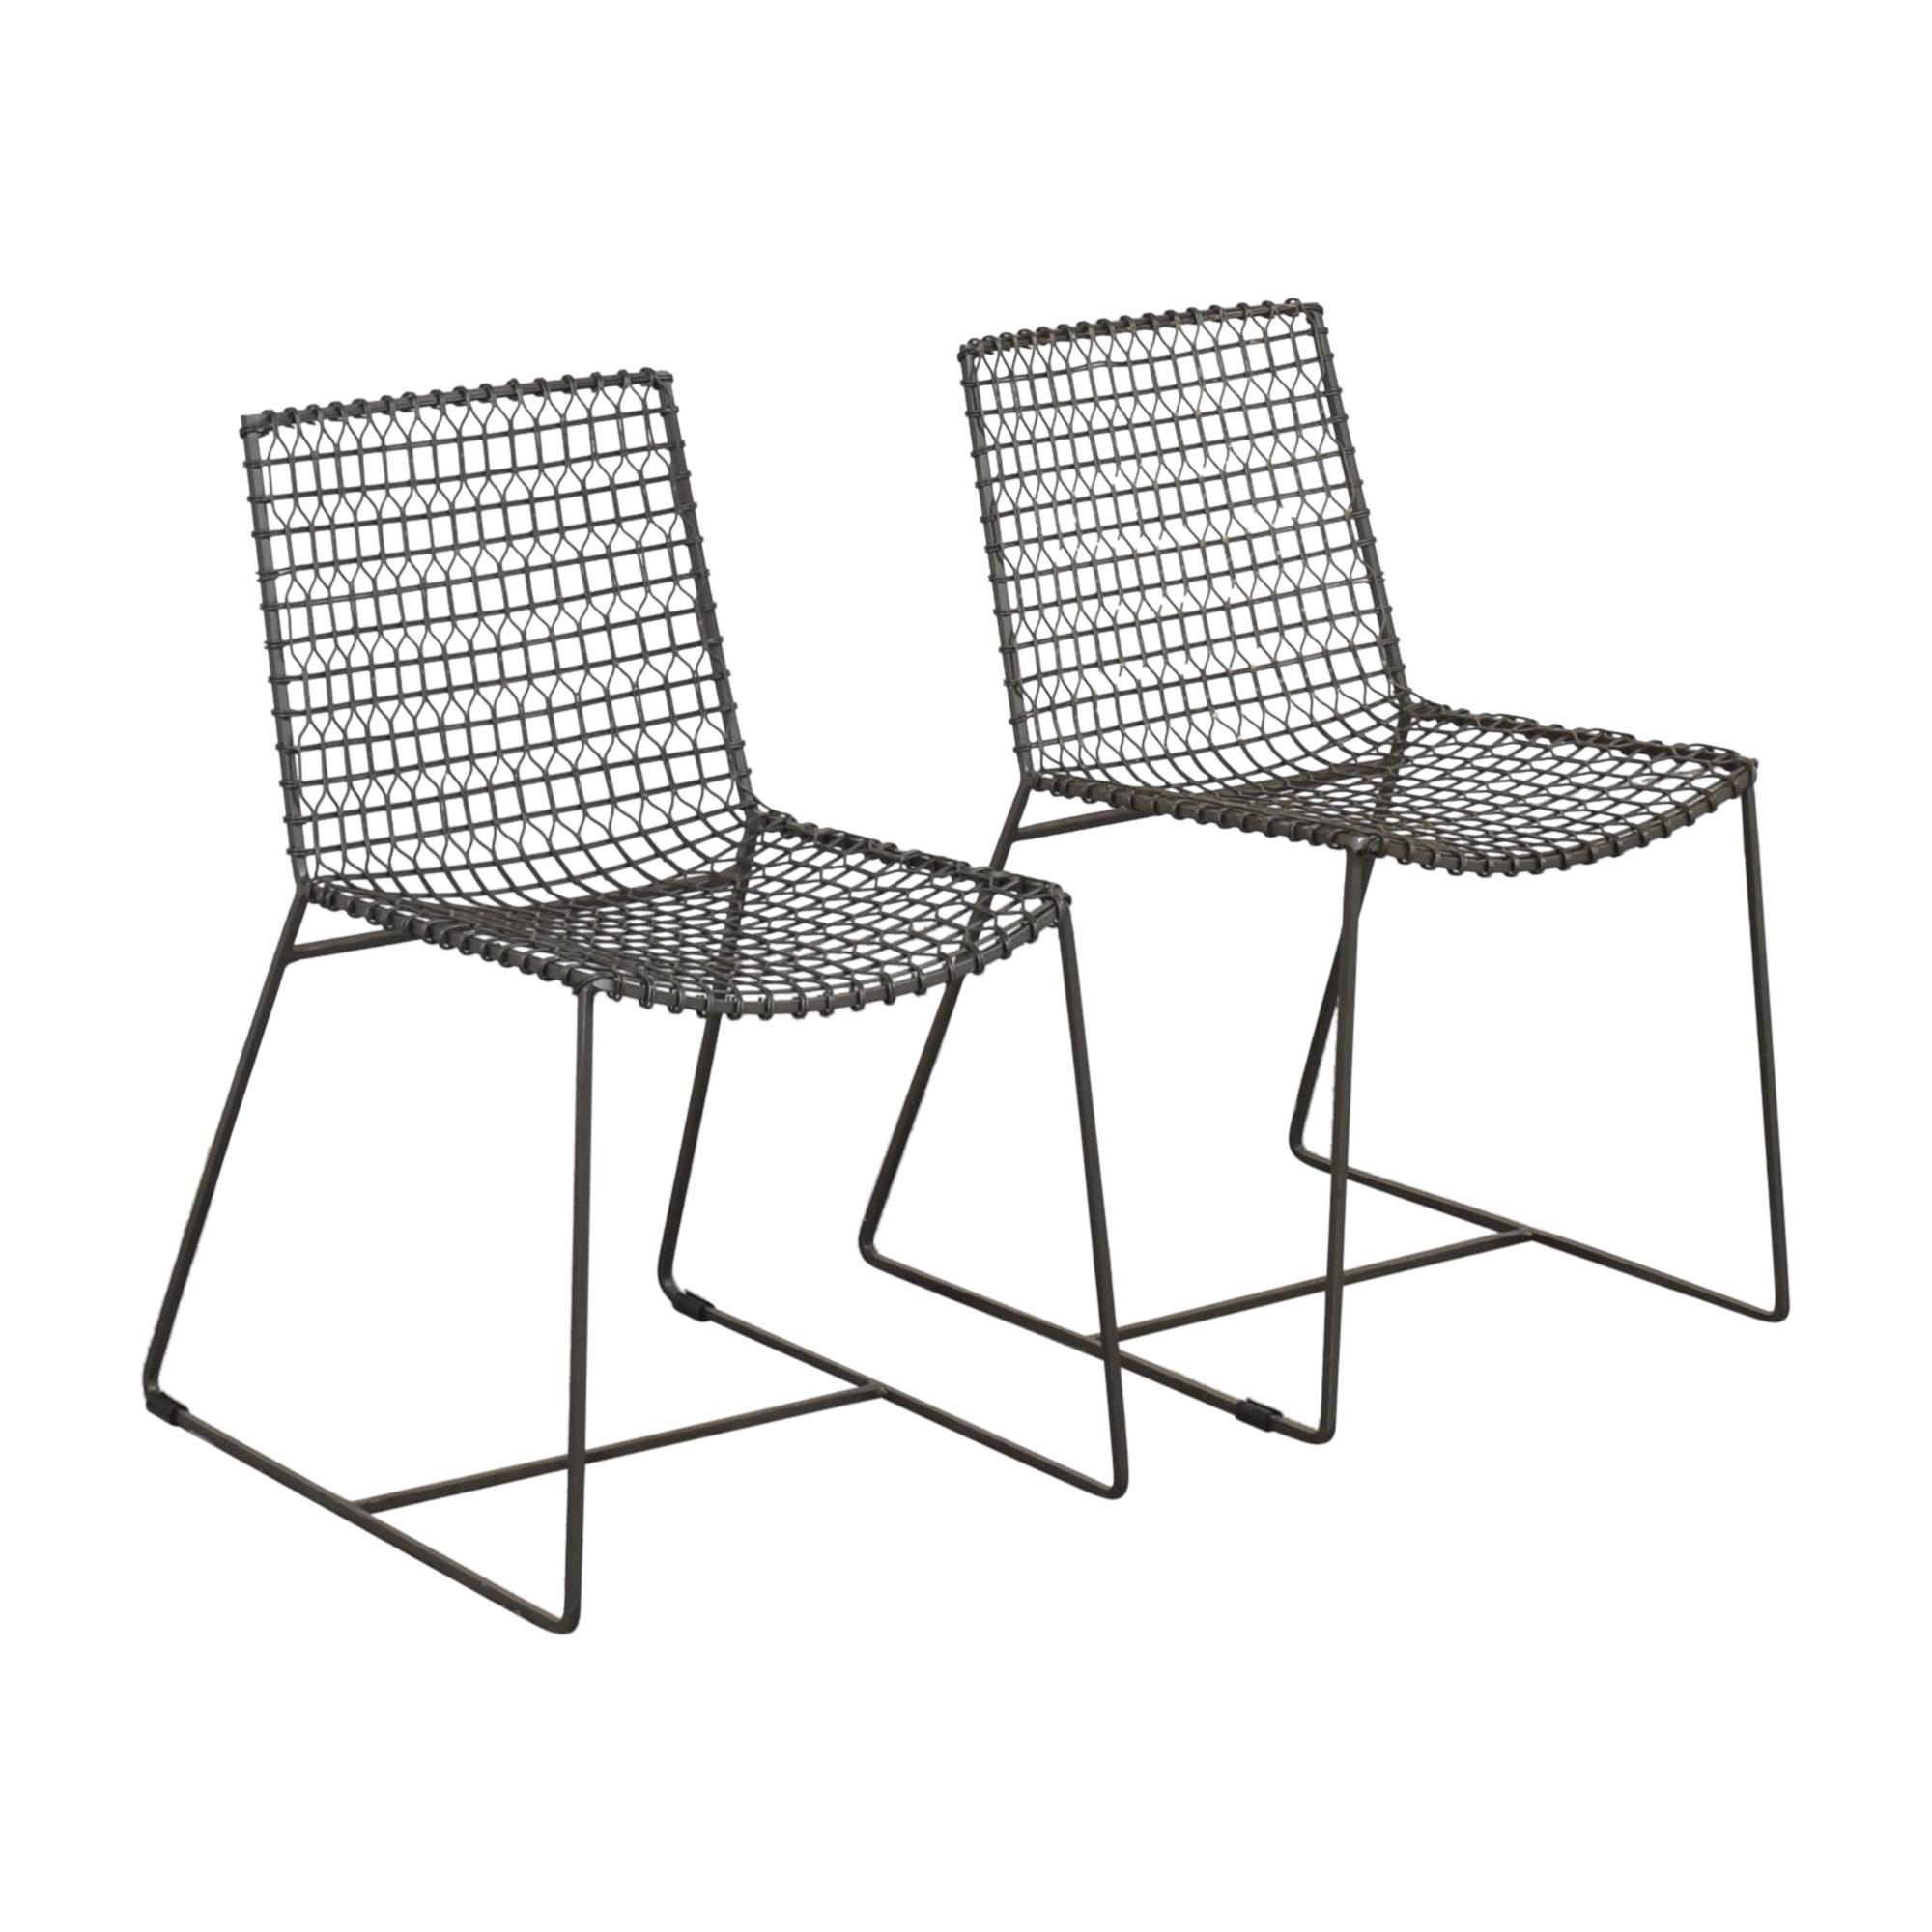 shop Crate & Barrel Tig Dining Chairs Crate & Barrel